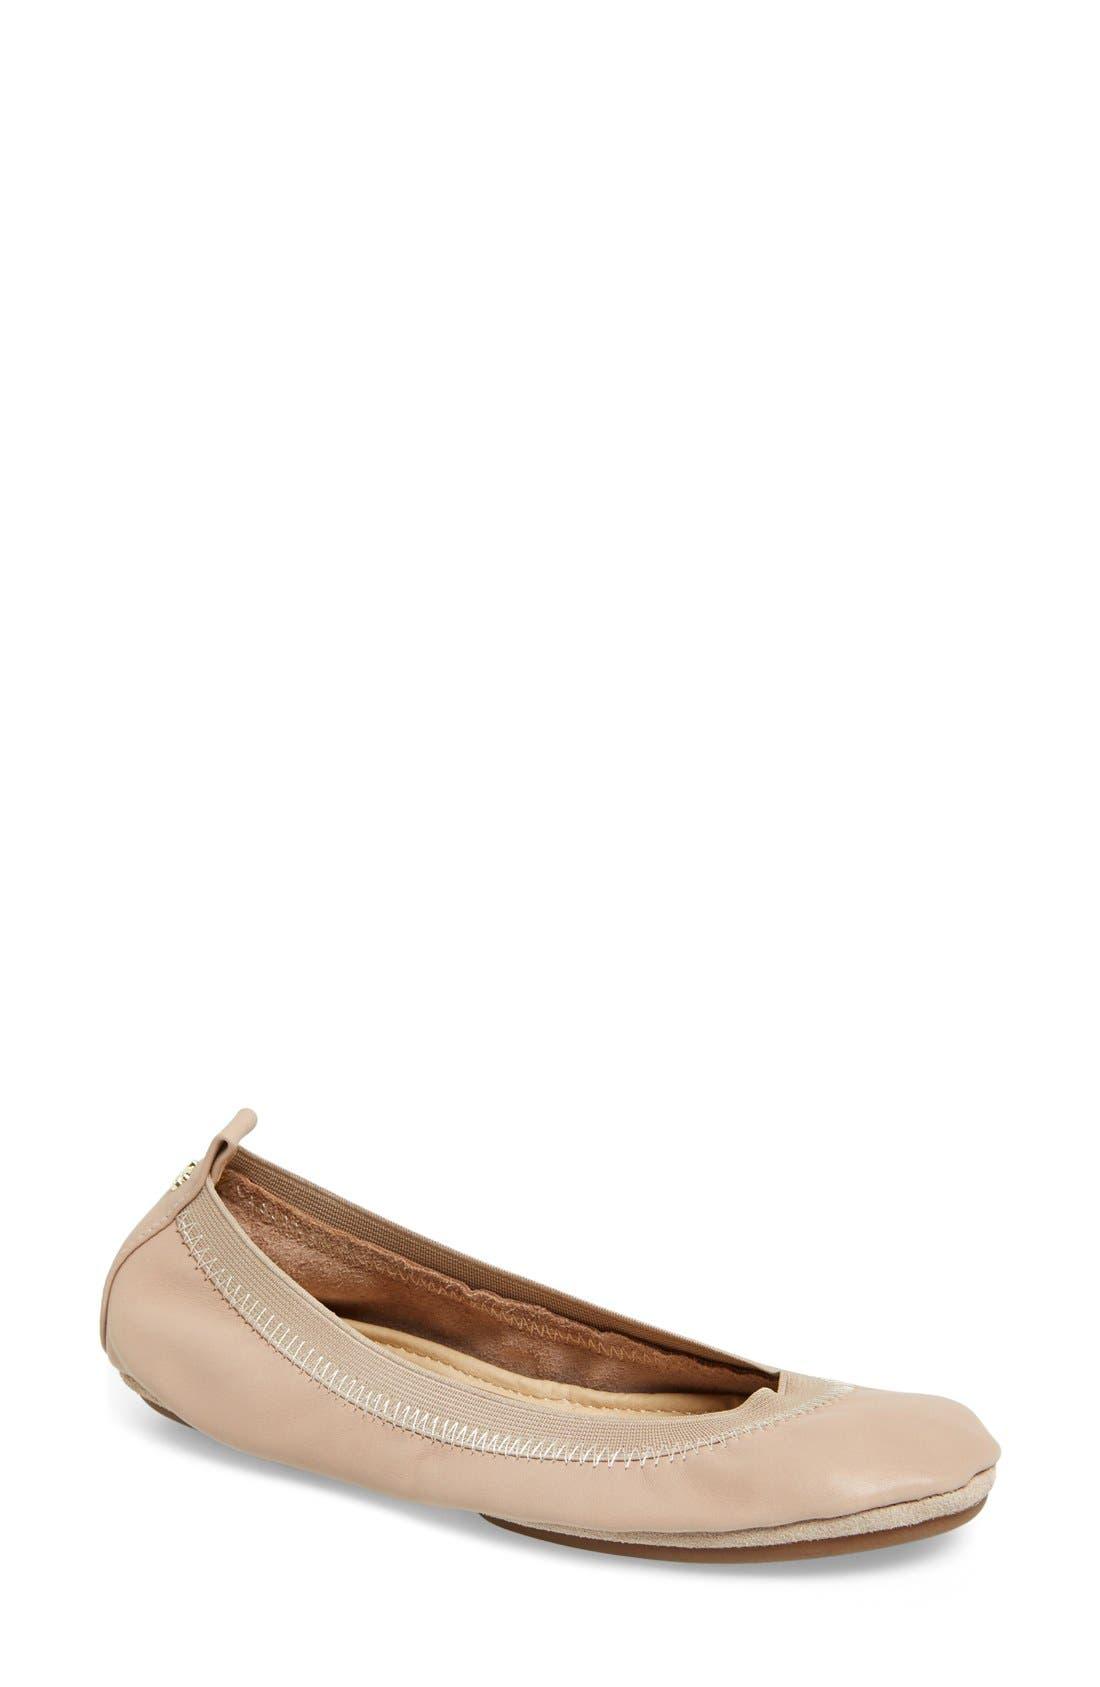 Main Image - Yosi Samra 'Samara' Foldable Ballet Flat (Women)